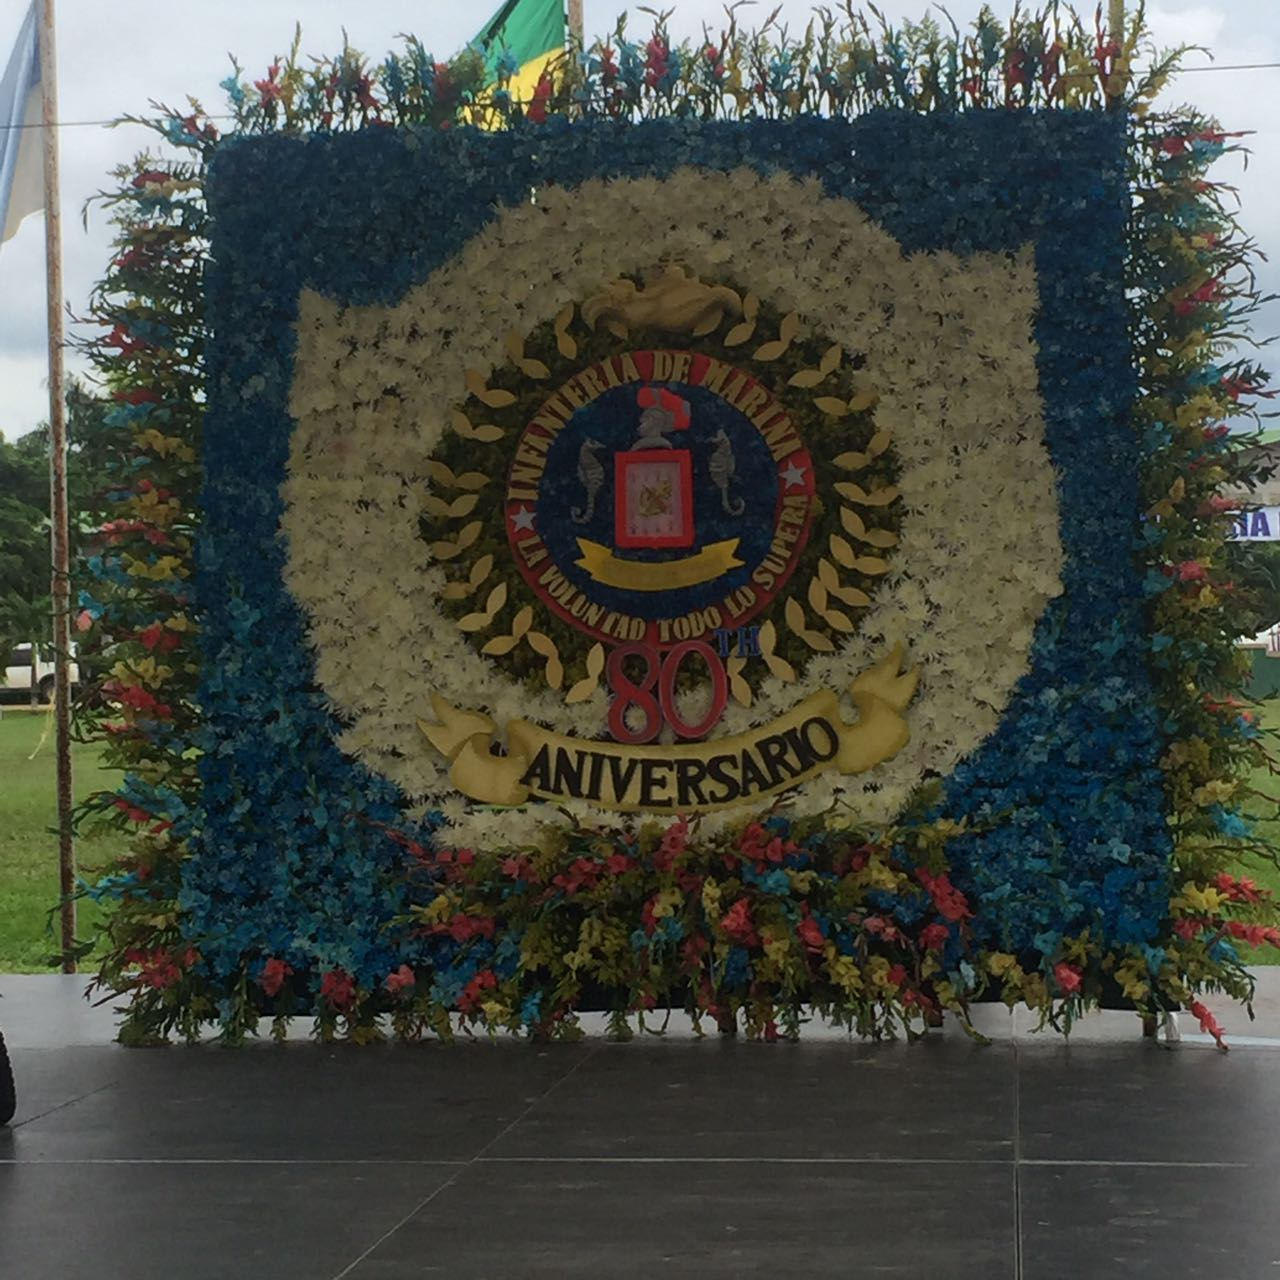 SEGUNDA TRAVESIA ANFIBIA